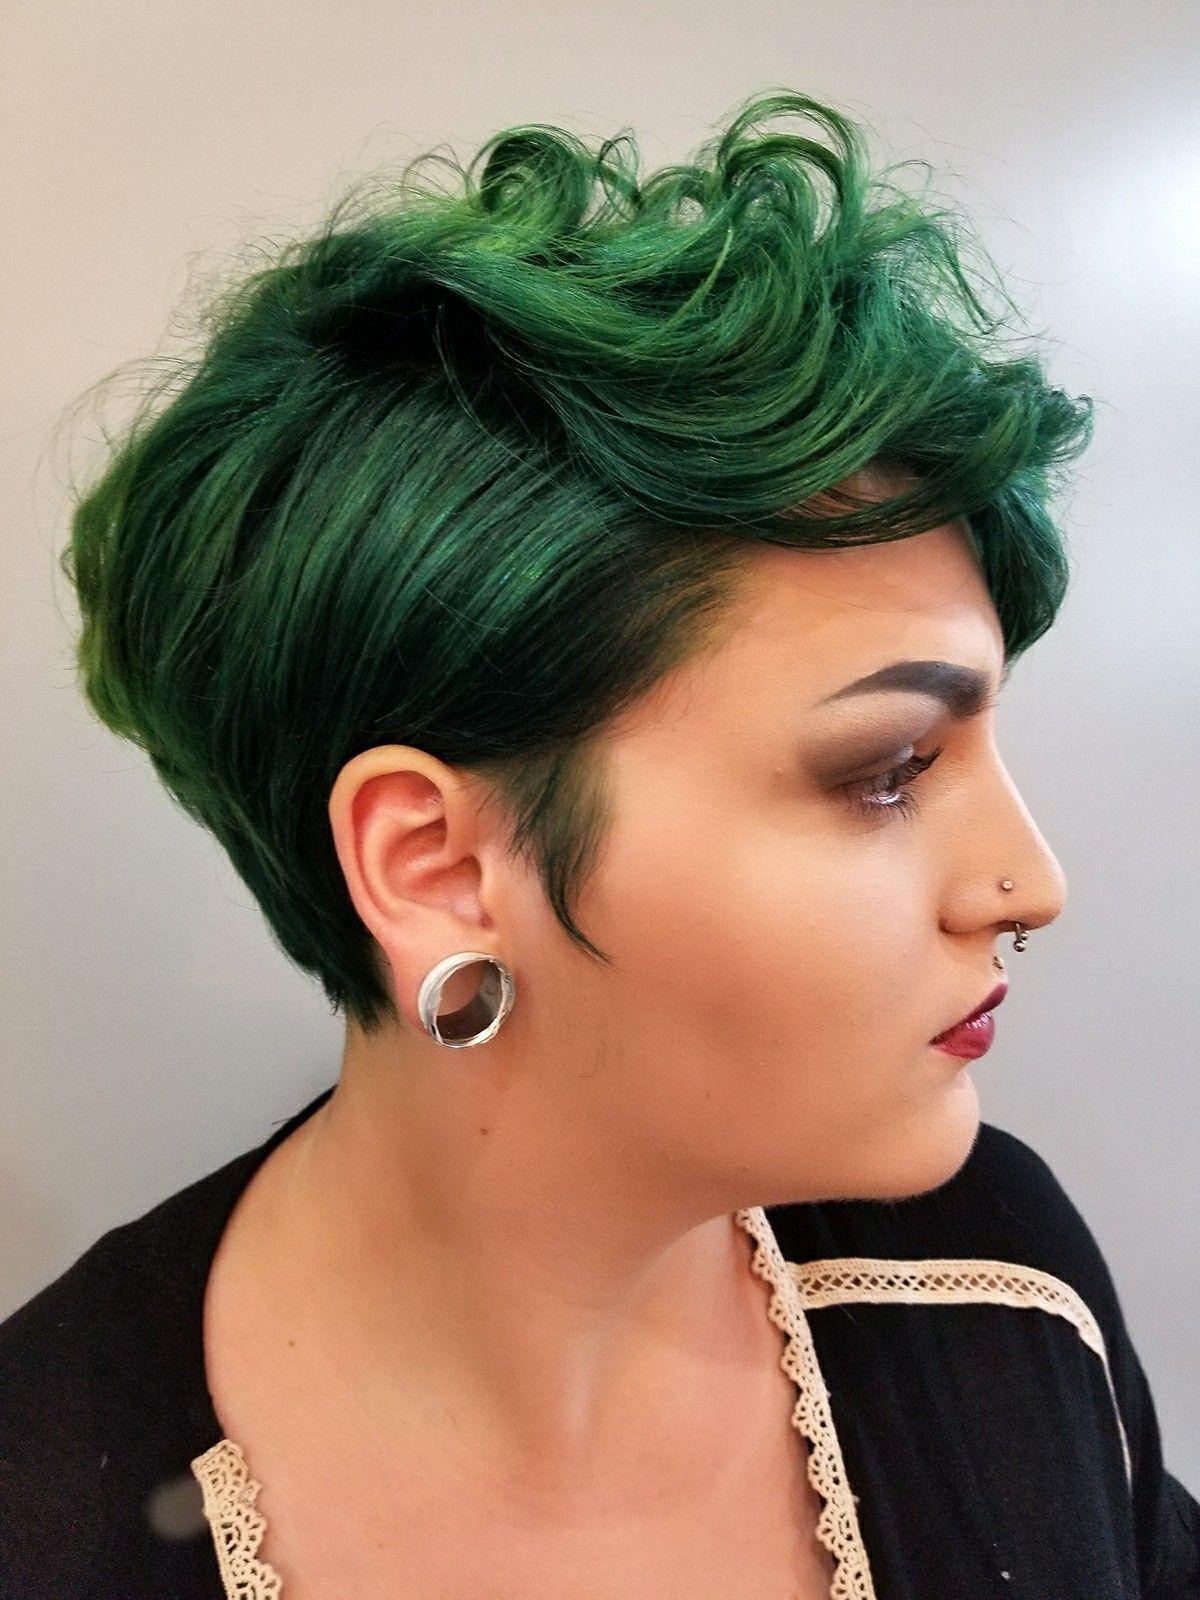 green hair vibrant hair short hair for women pixie cut aveda